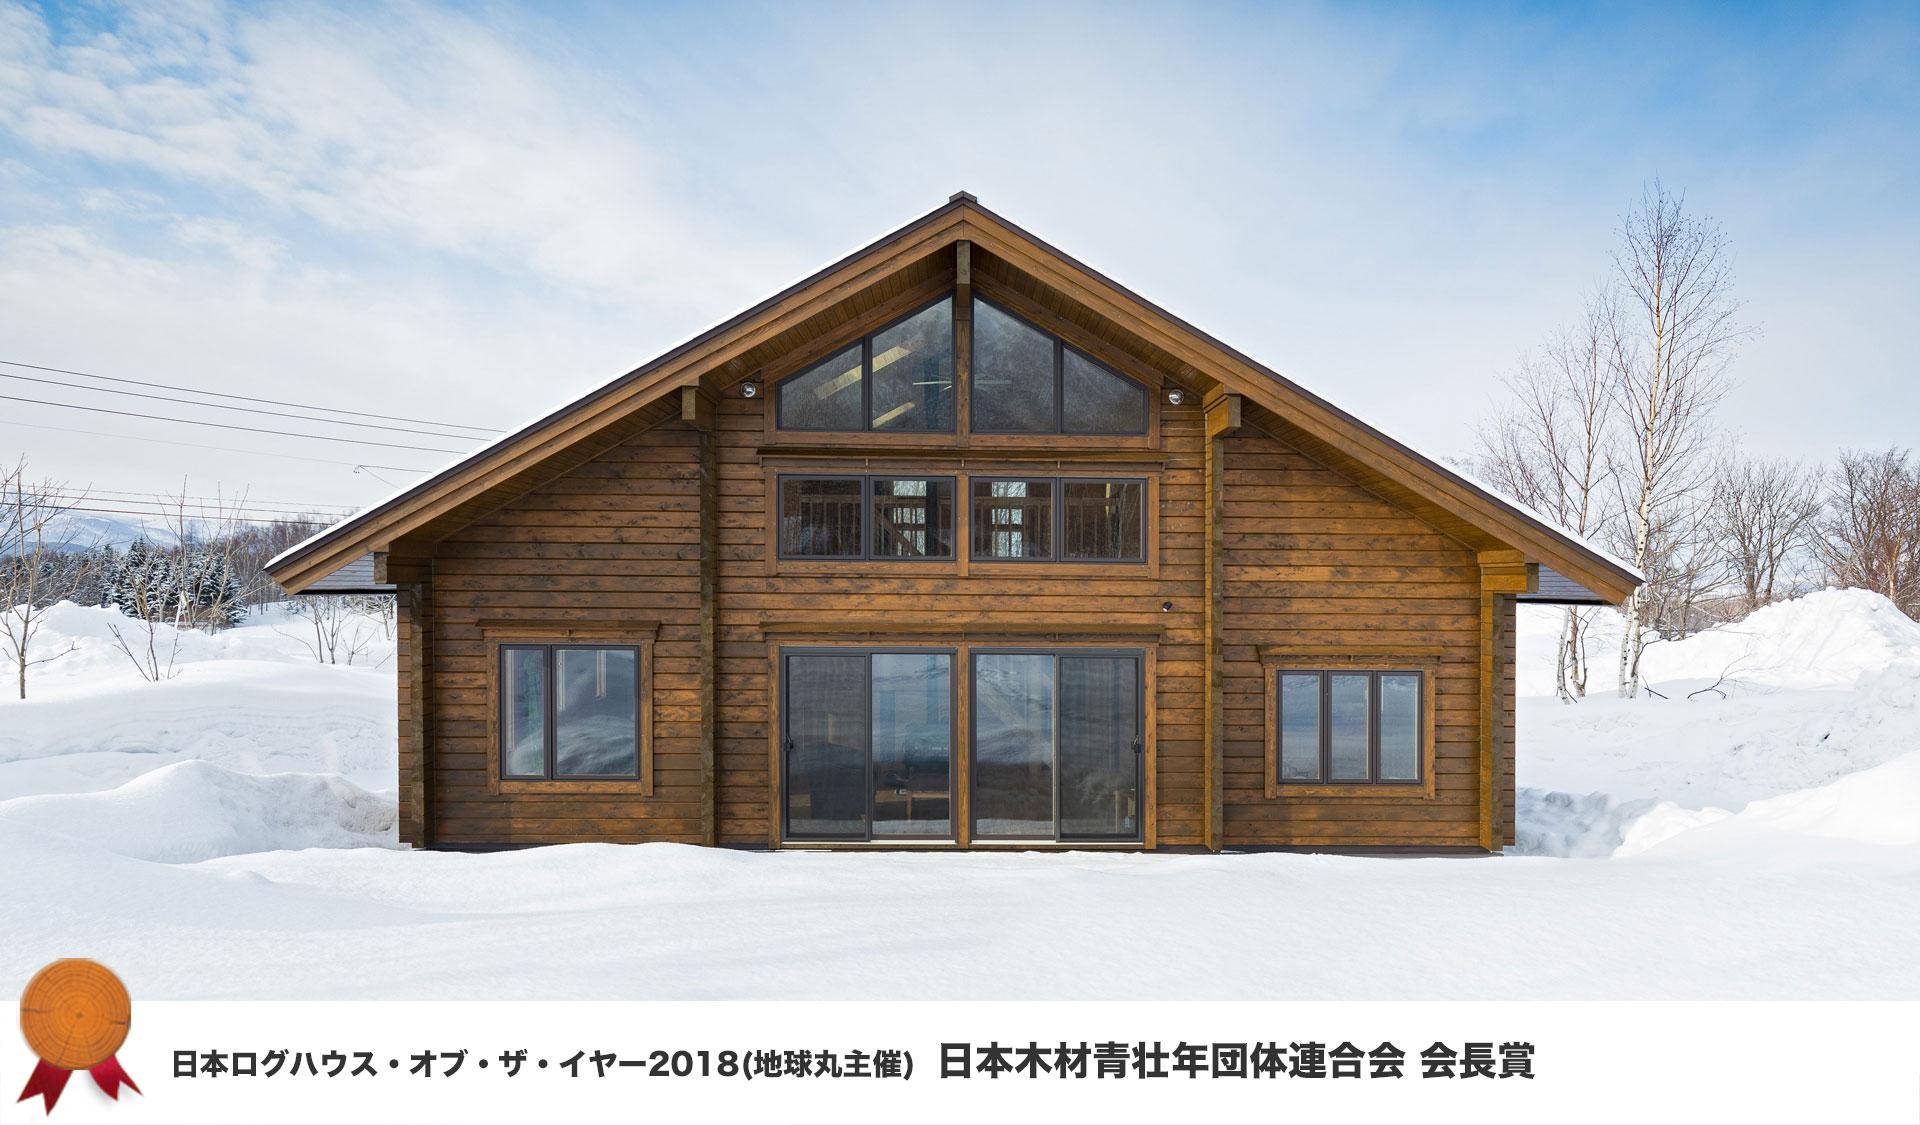 白銀の世界に佇む檜ログハウス